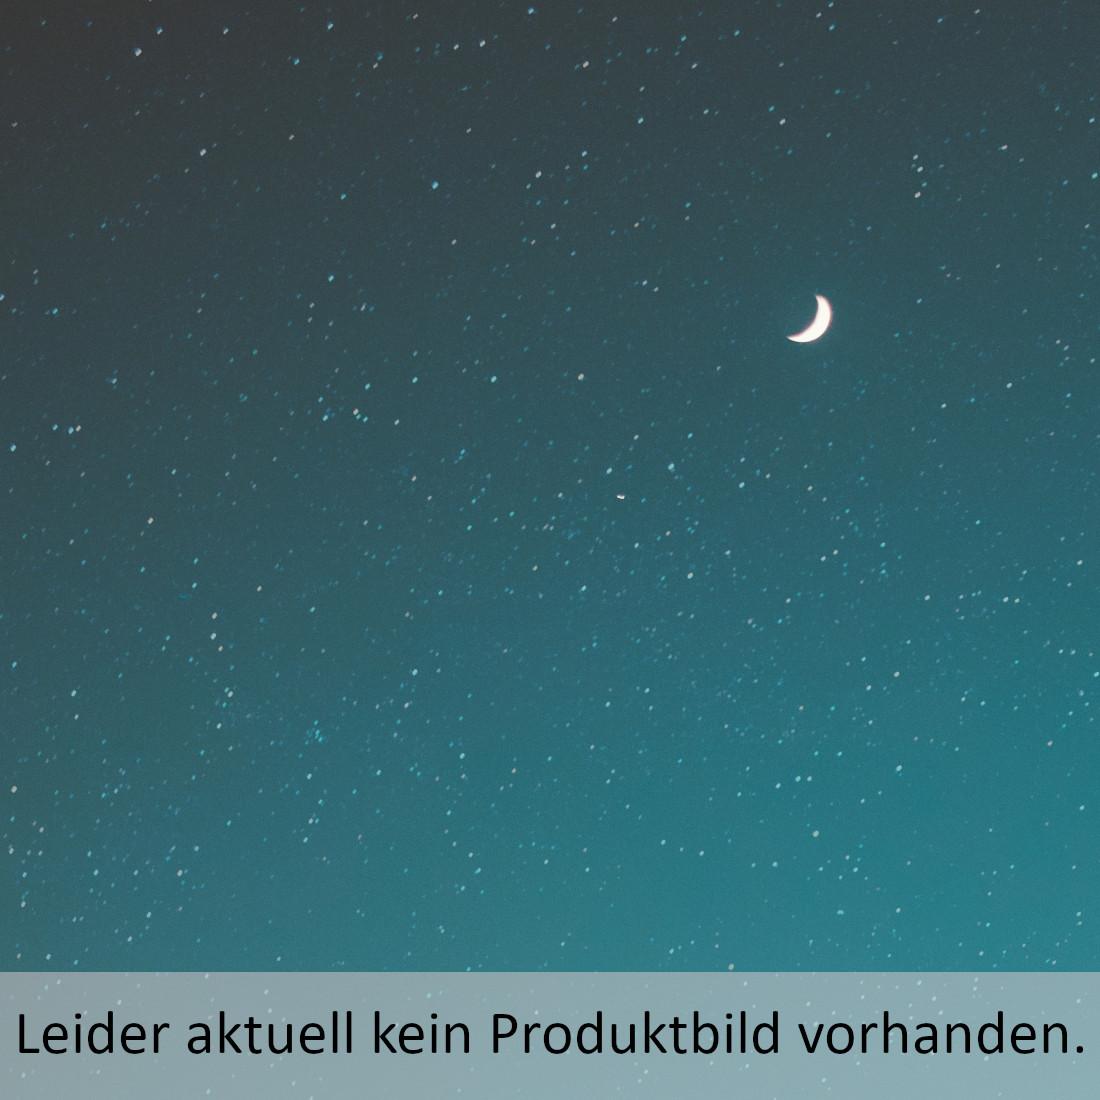 vergissmeinnicht 2019 - Der Taschenkalender Schäfer, Anja/Schmidt, Silke 9783761565087